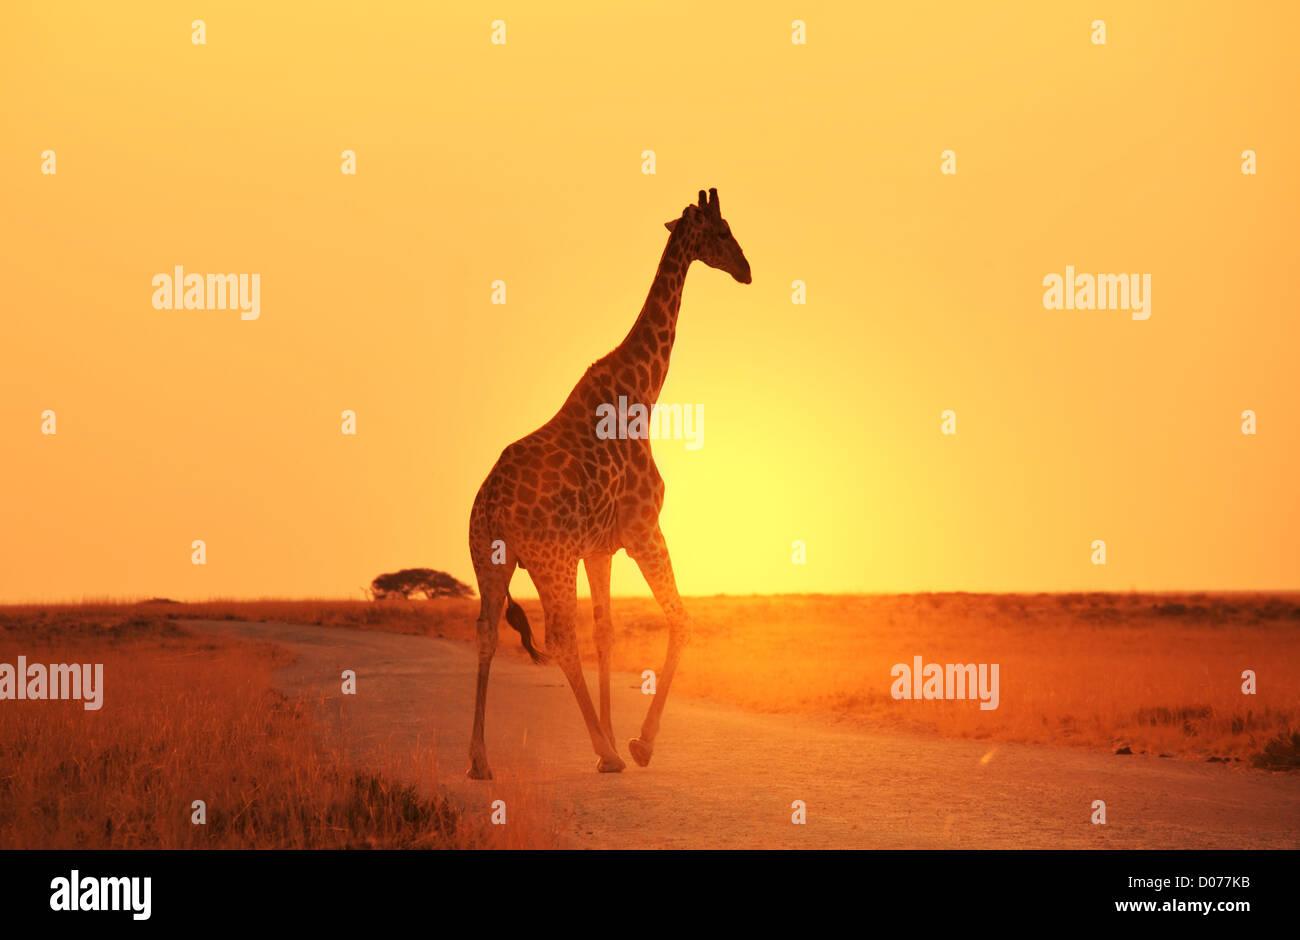 Giraffen in der Savanne Stockbild